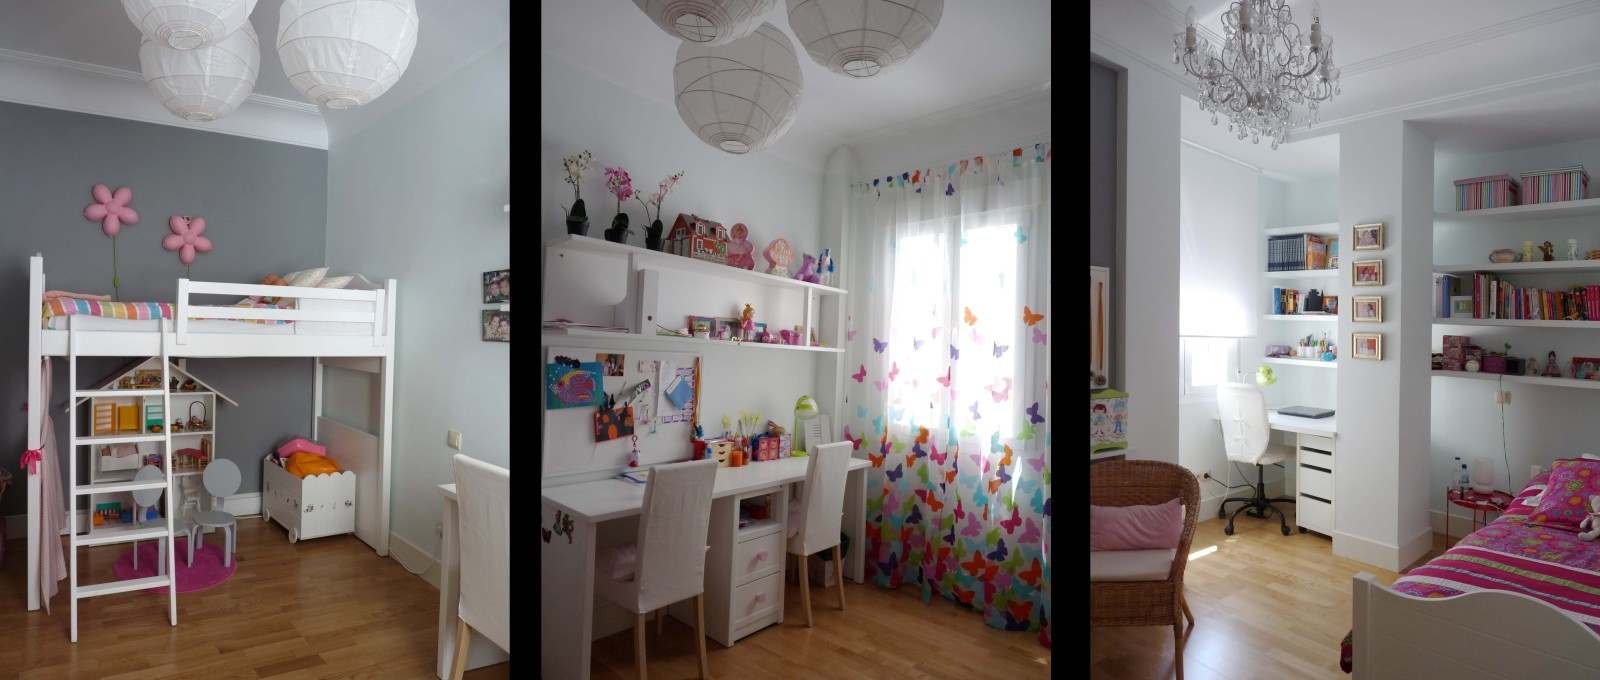 Los dormitorios de las niñas destaca la luminosidad por los contrastes con notas de color en los textiles.